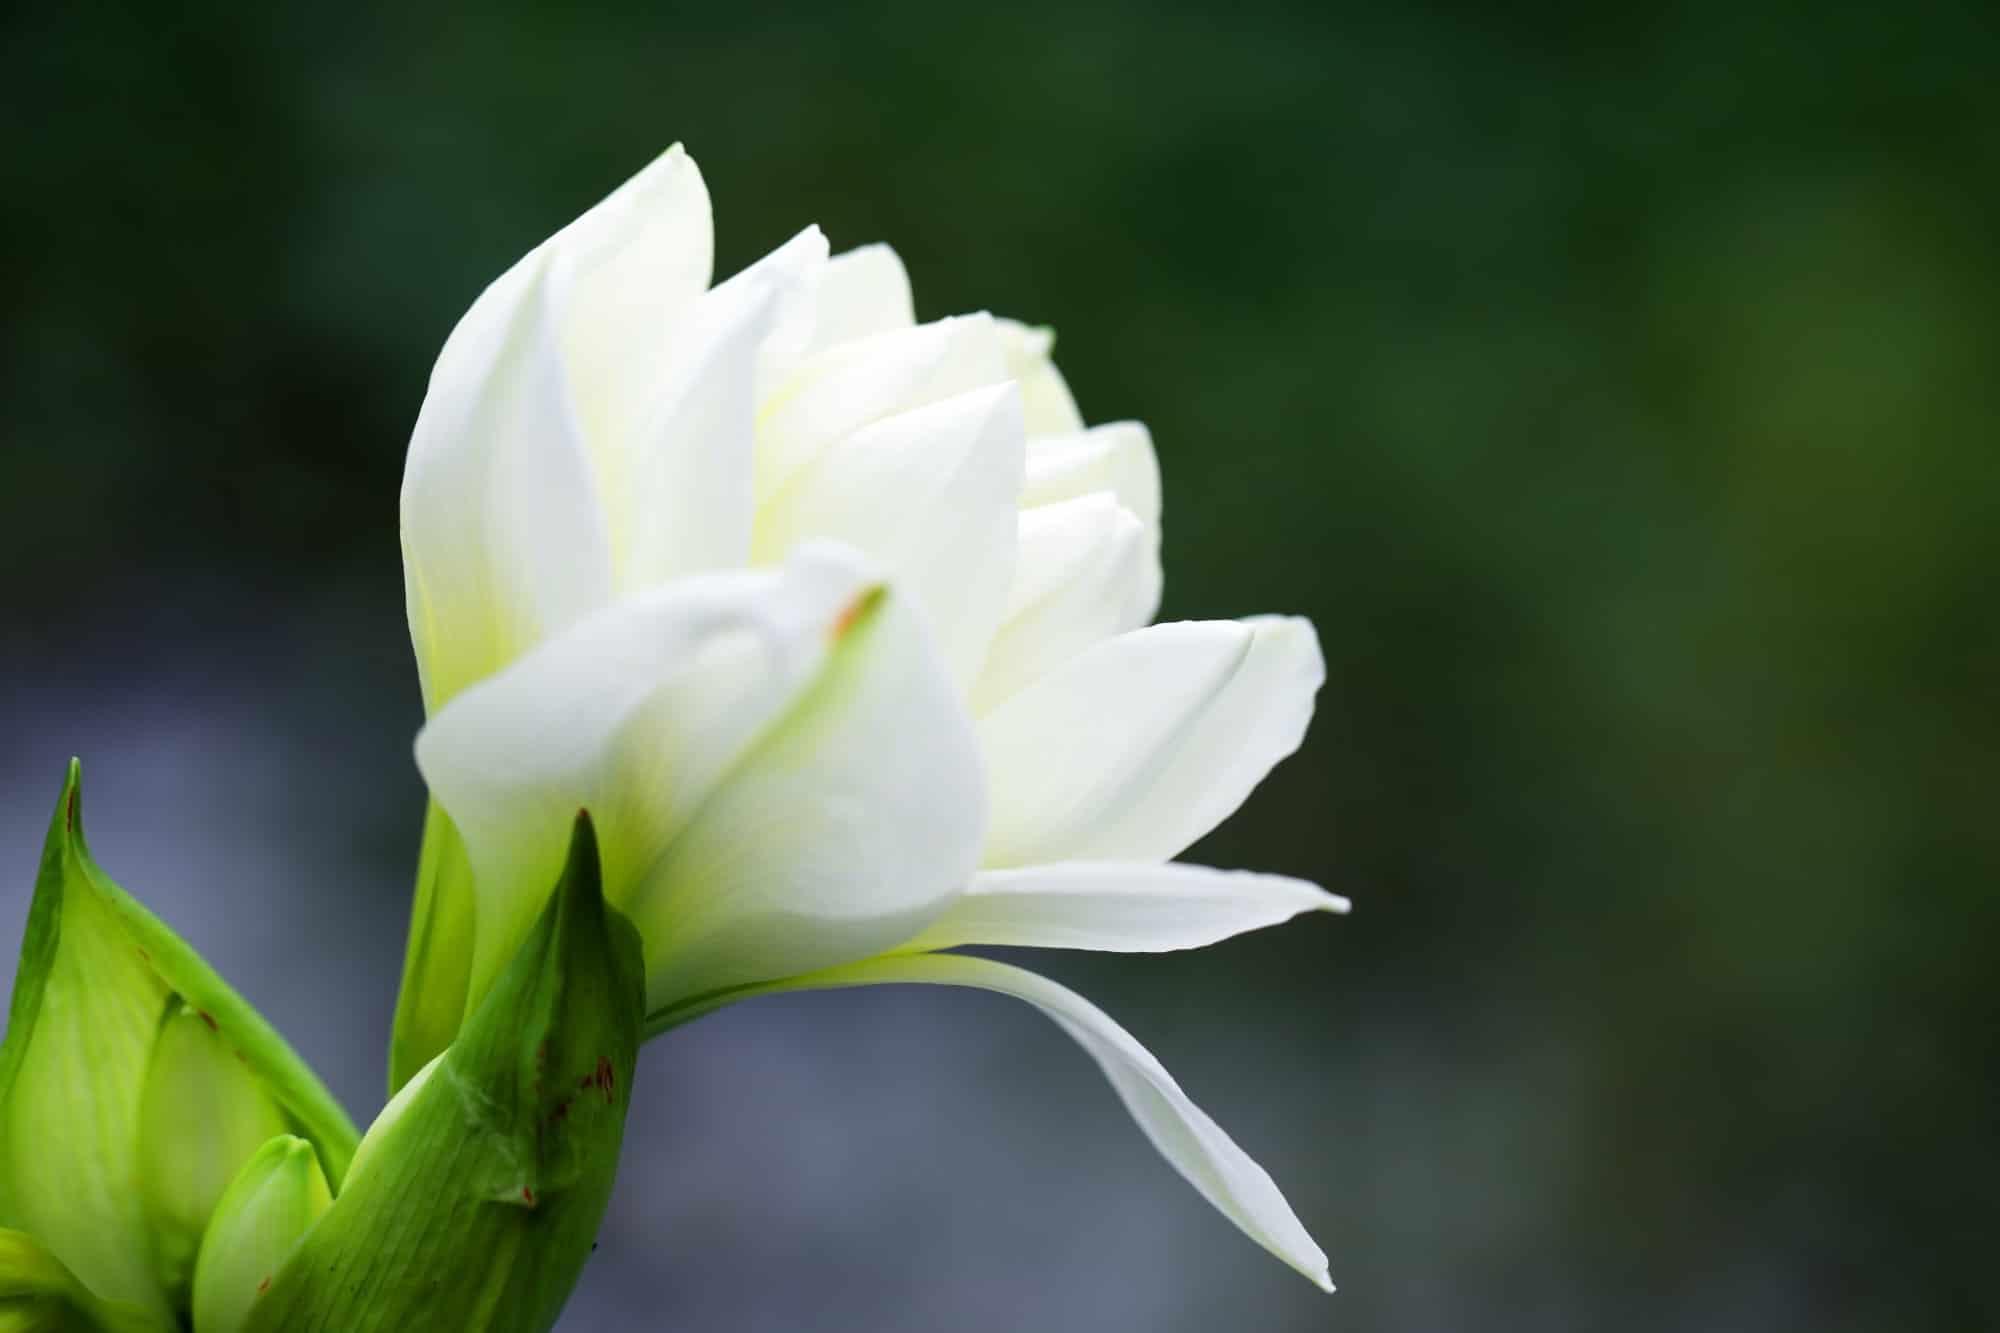 close up of white amaryllis flower background